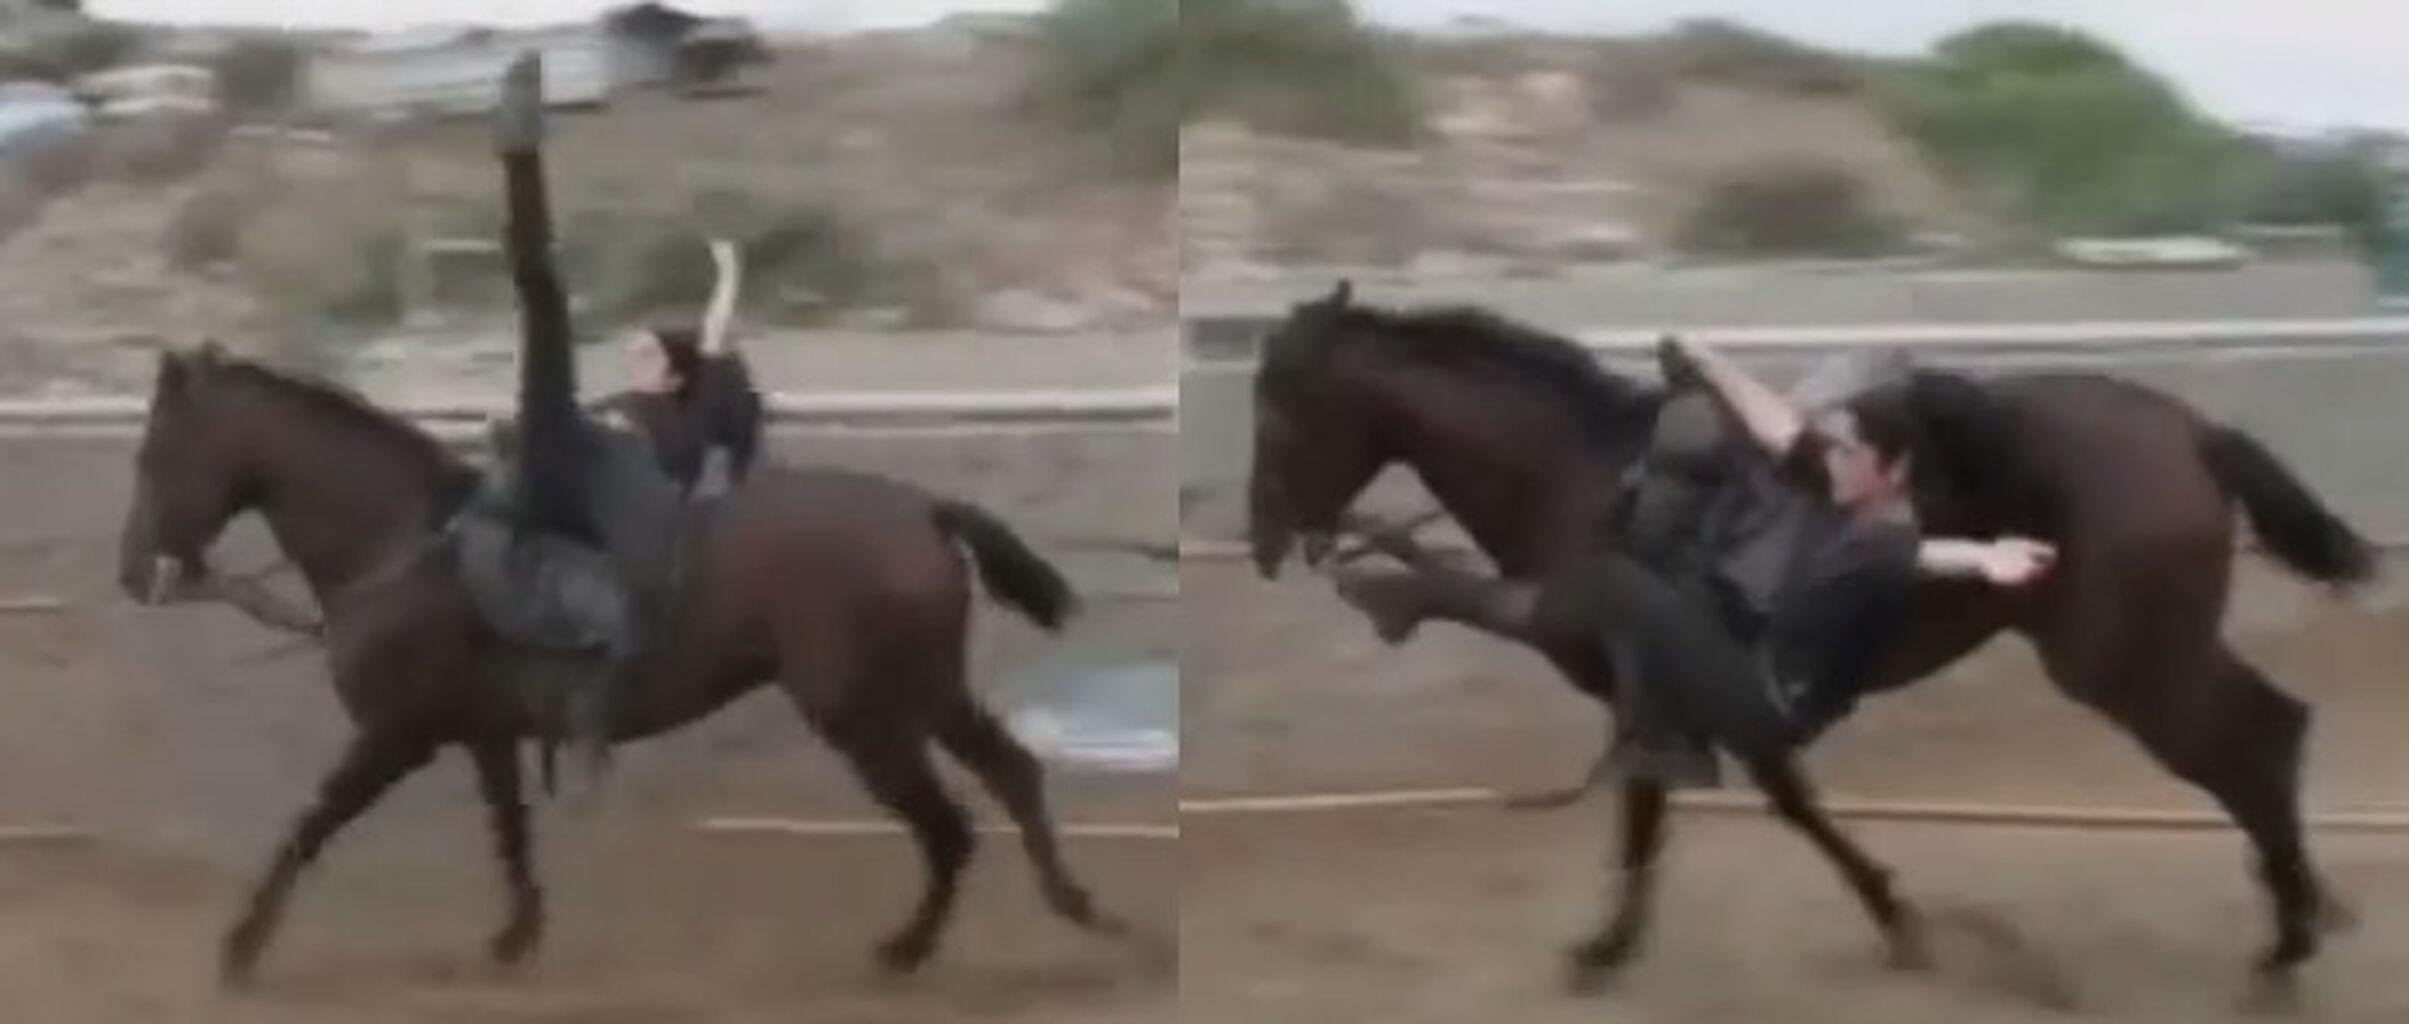 Clara-Serra-acrobata-caballo_969813406_4396788_2410x1024